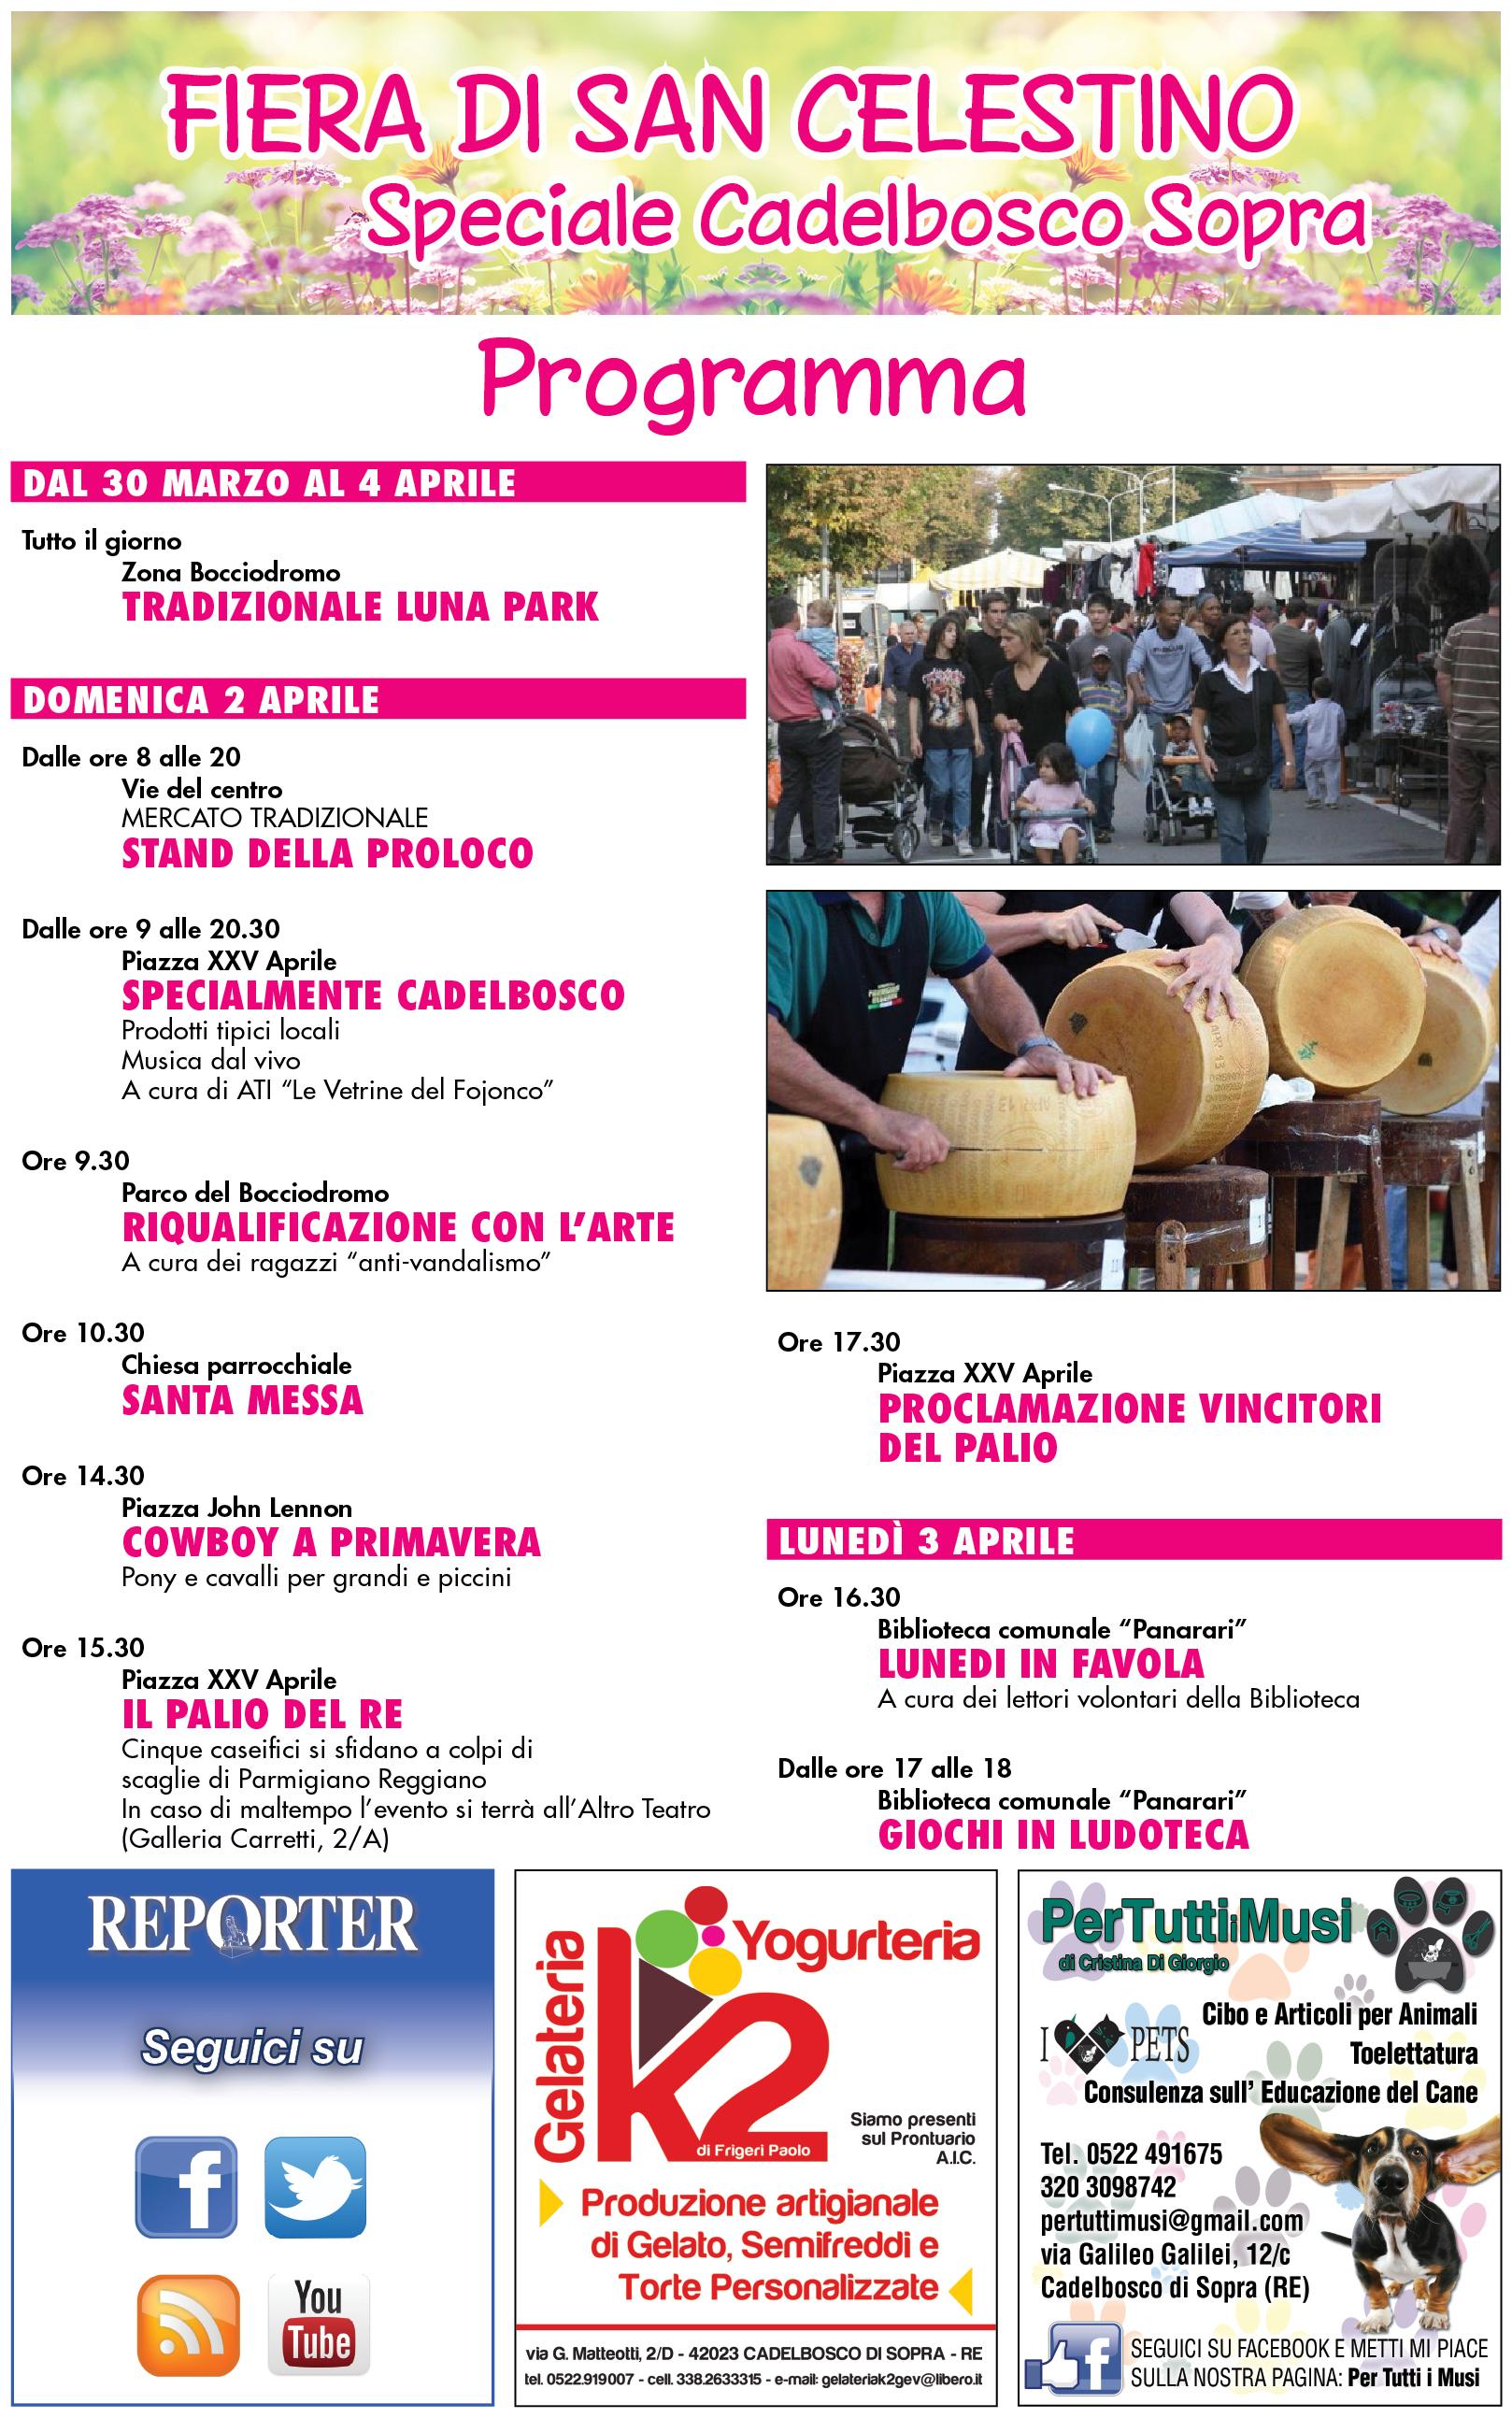 Programma Fiera di San Celestino a Cadelbosco Sopra